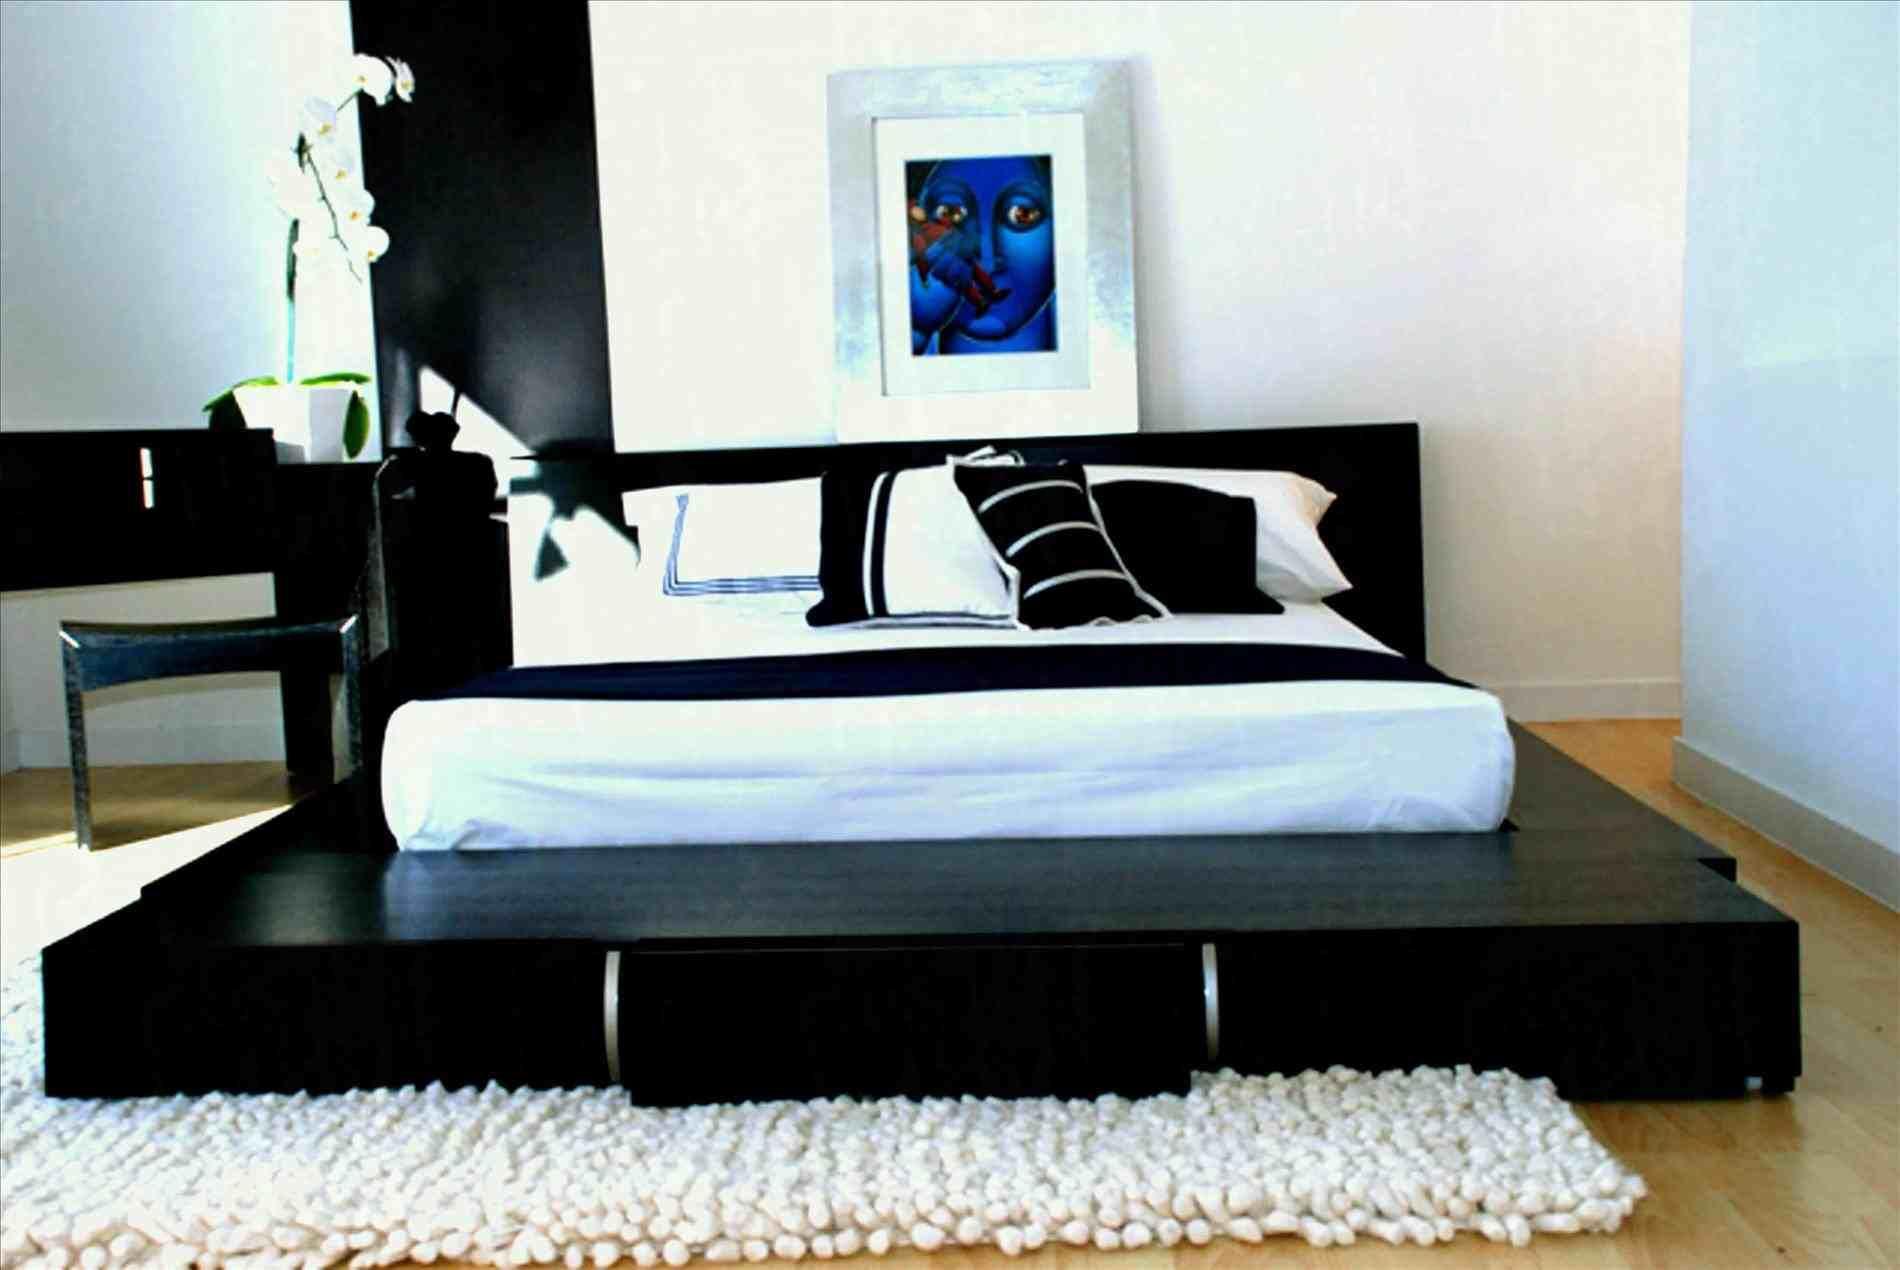 Badezimmer dekor mit duschvorhängen furniture design for bedroom in indian  حدائق  pinterest  bedroom